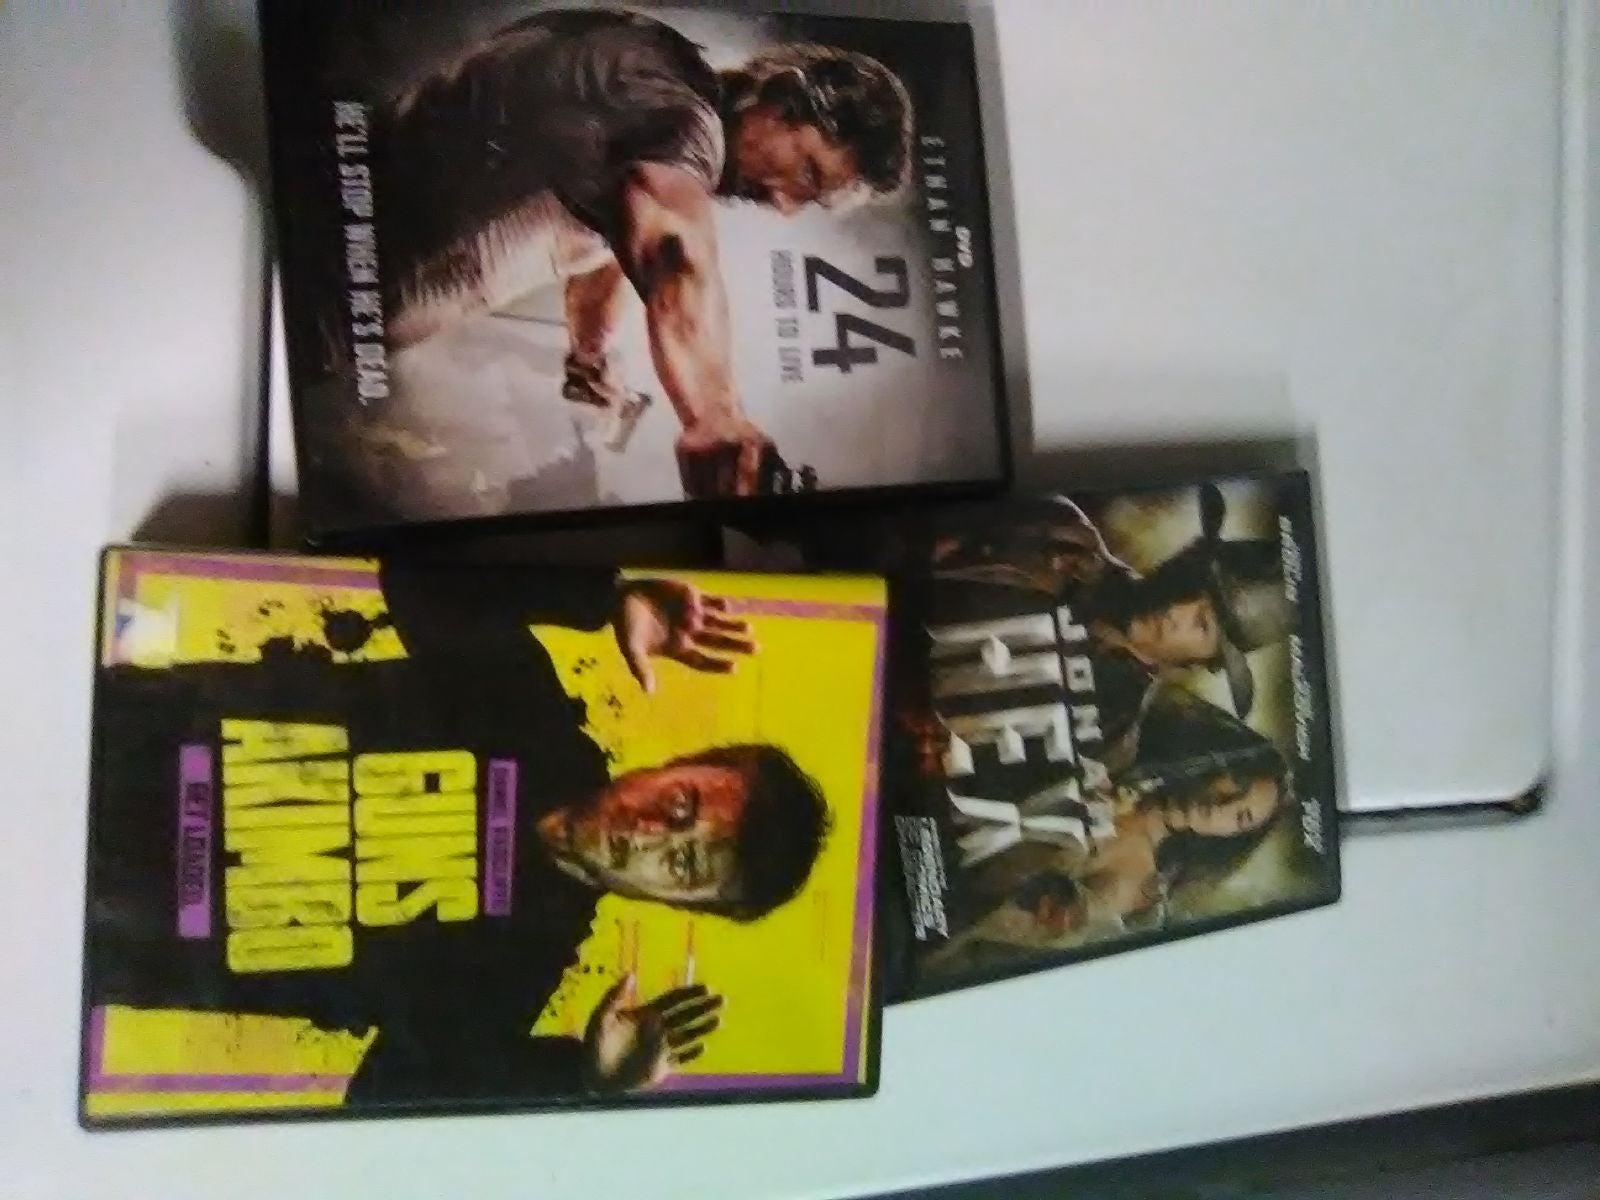 Adult DVD bundle